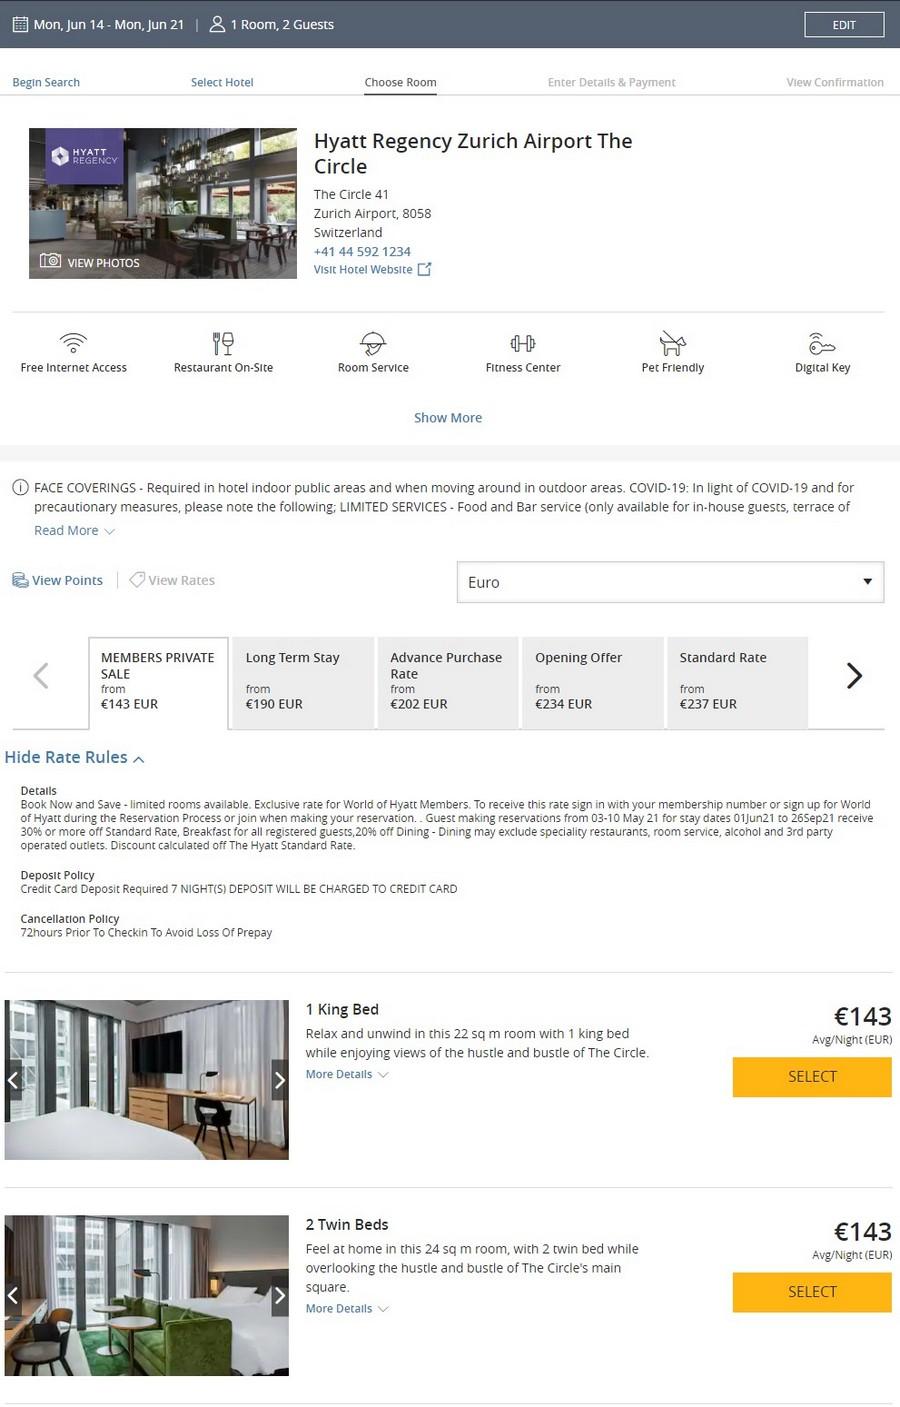 Preisbeispiel des Hyatt Angebotes für Buchungen bis 10.05.2021 im Hyatt Regency Zürich